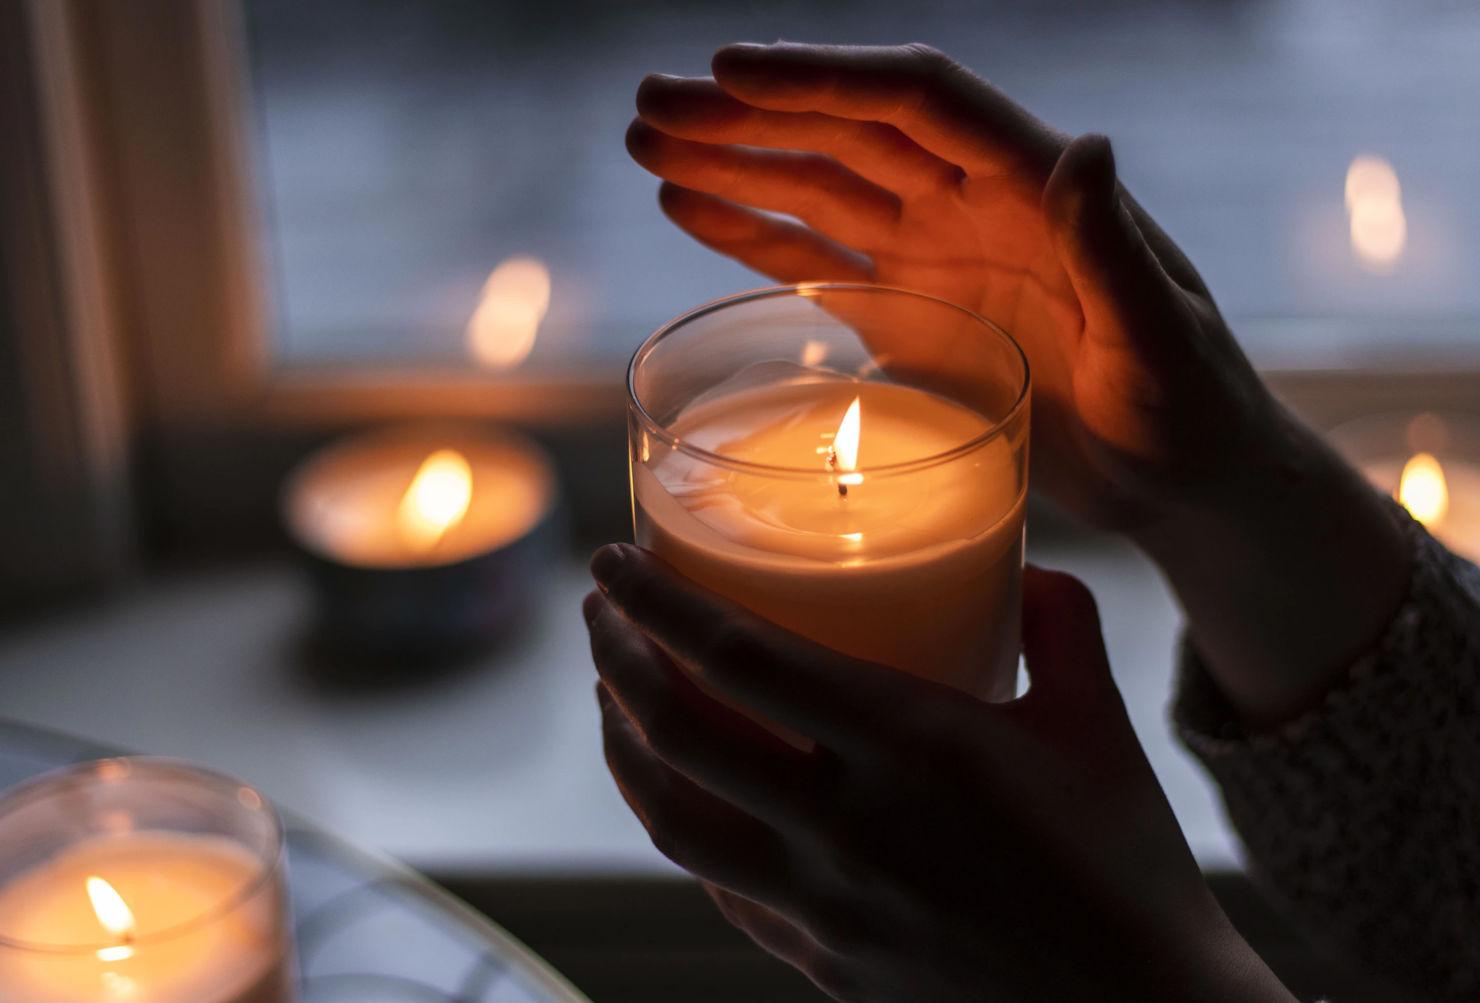 Descubre el poder de las velas con intención con estas marcas mexicanas